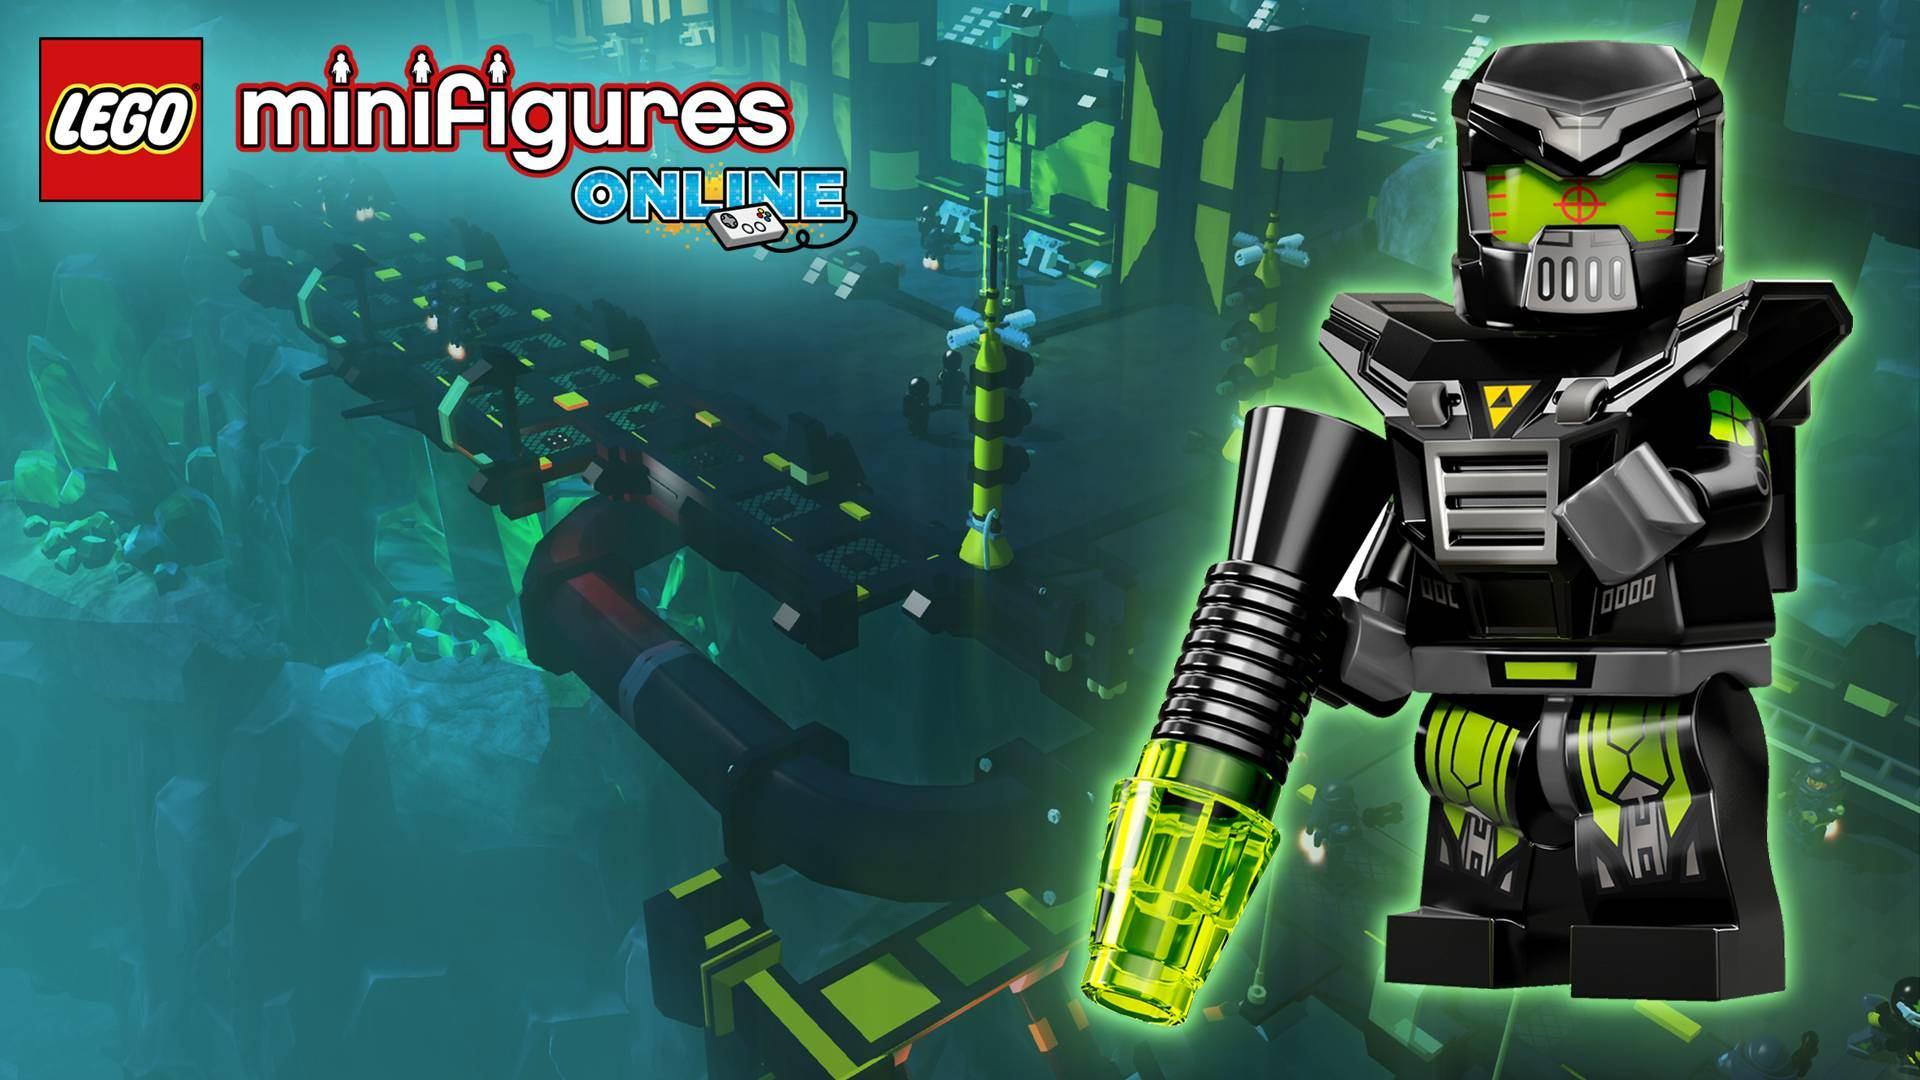 Lego Minifigures Online Wallpapers